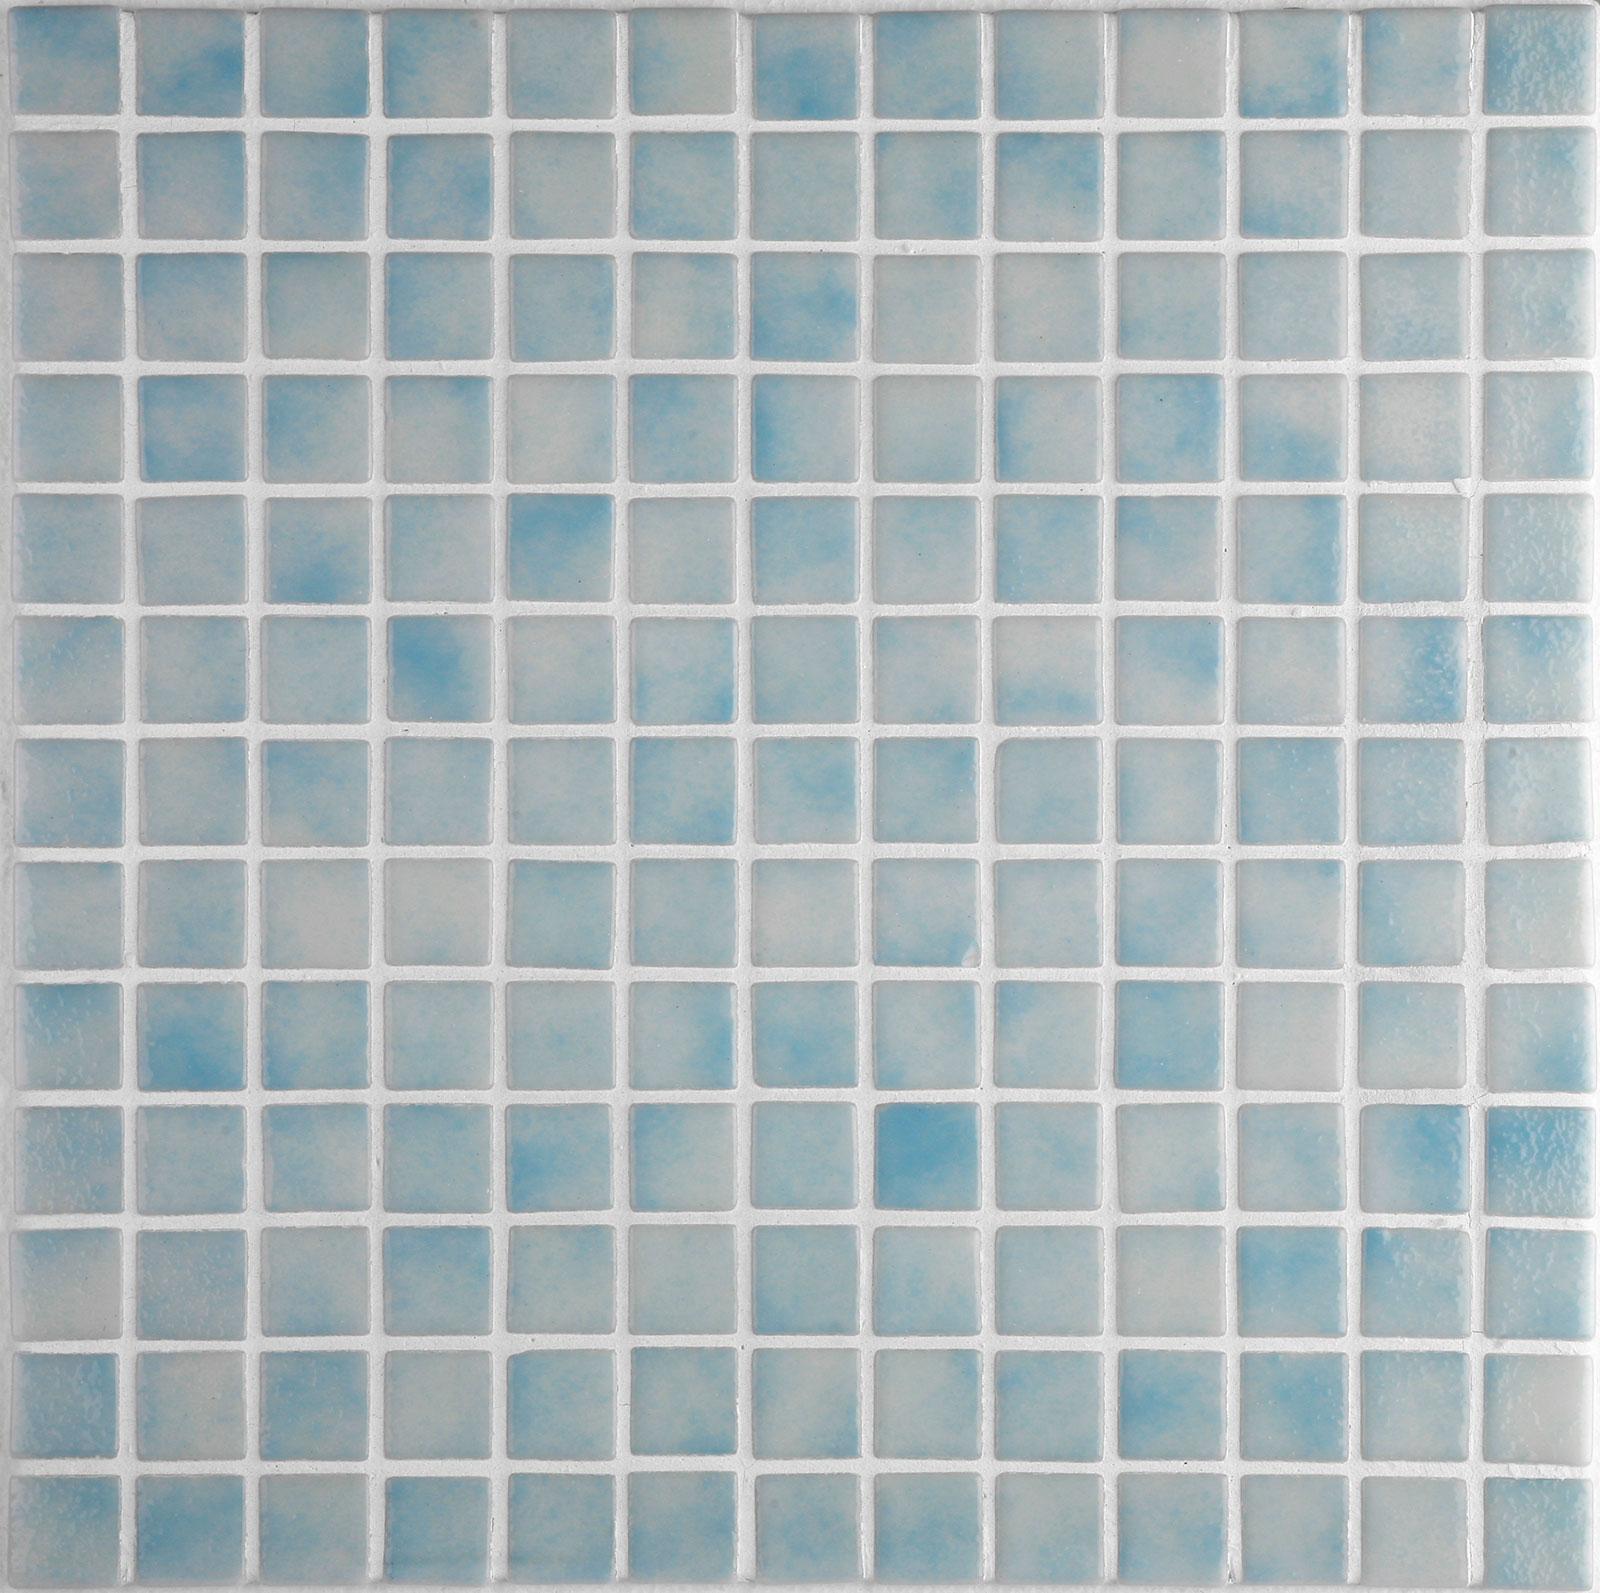 mosaic tile 2521 b ezarri